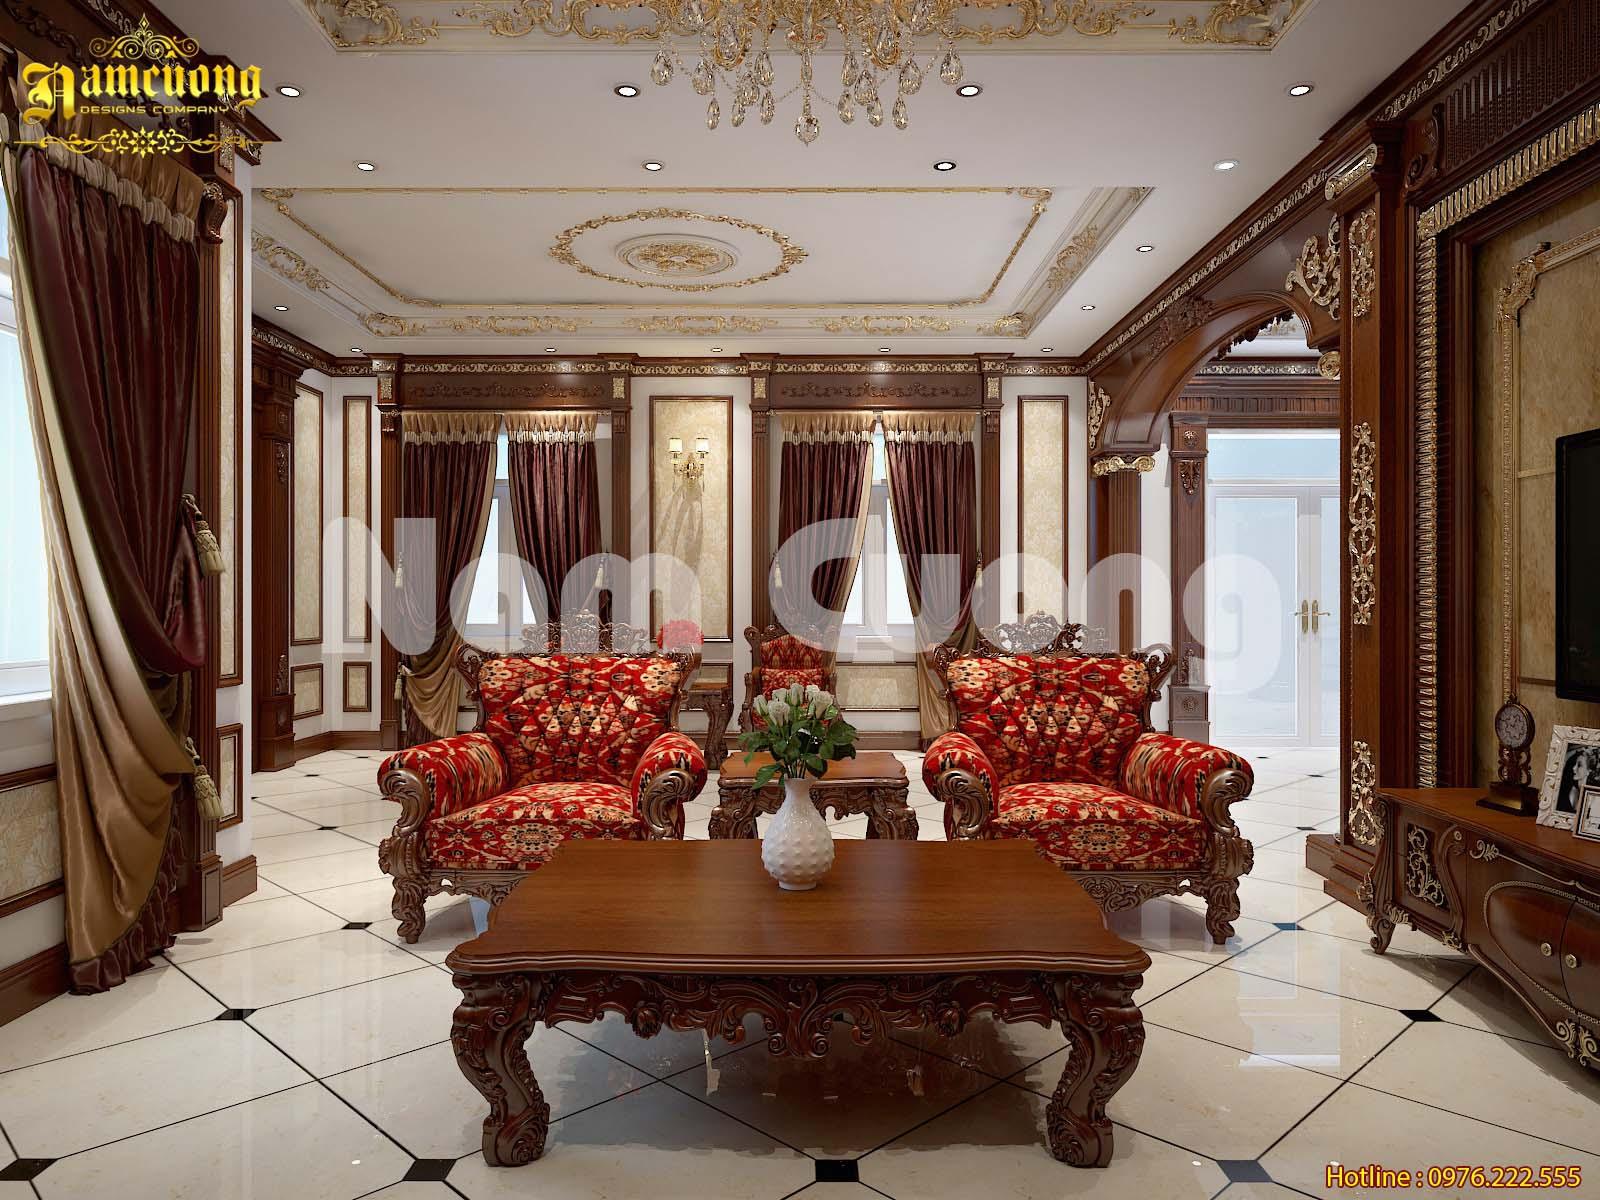 Phương án thiết kế mẫu nội thất biệt thự tân cổ điển tại Sài Gòn